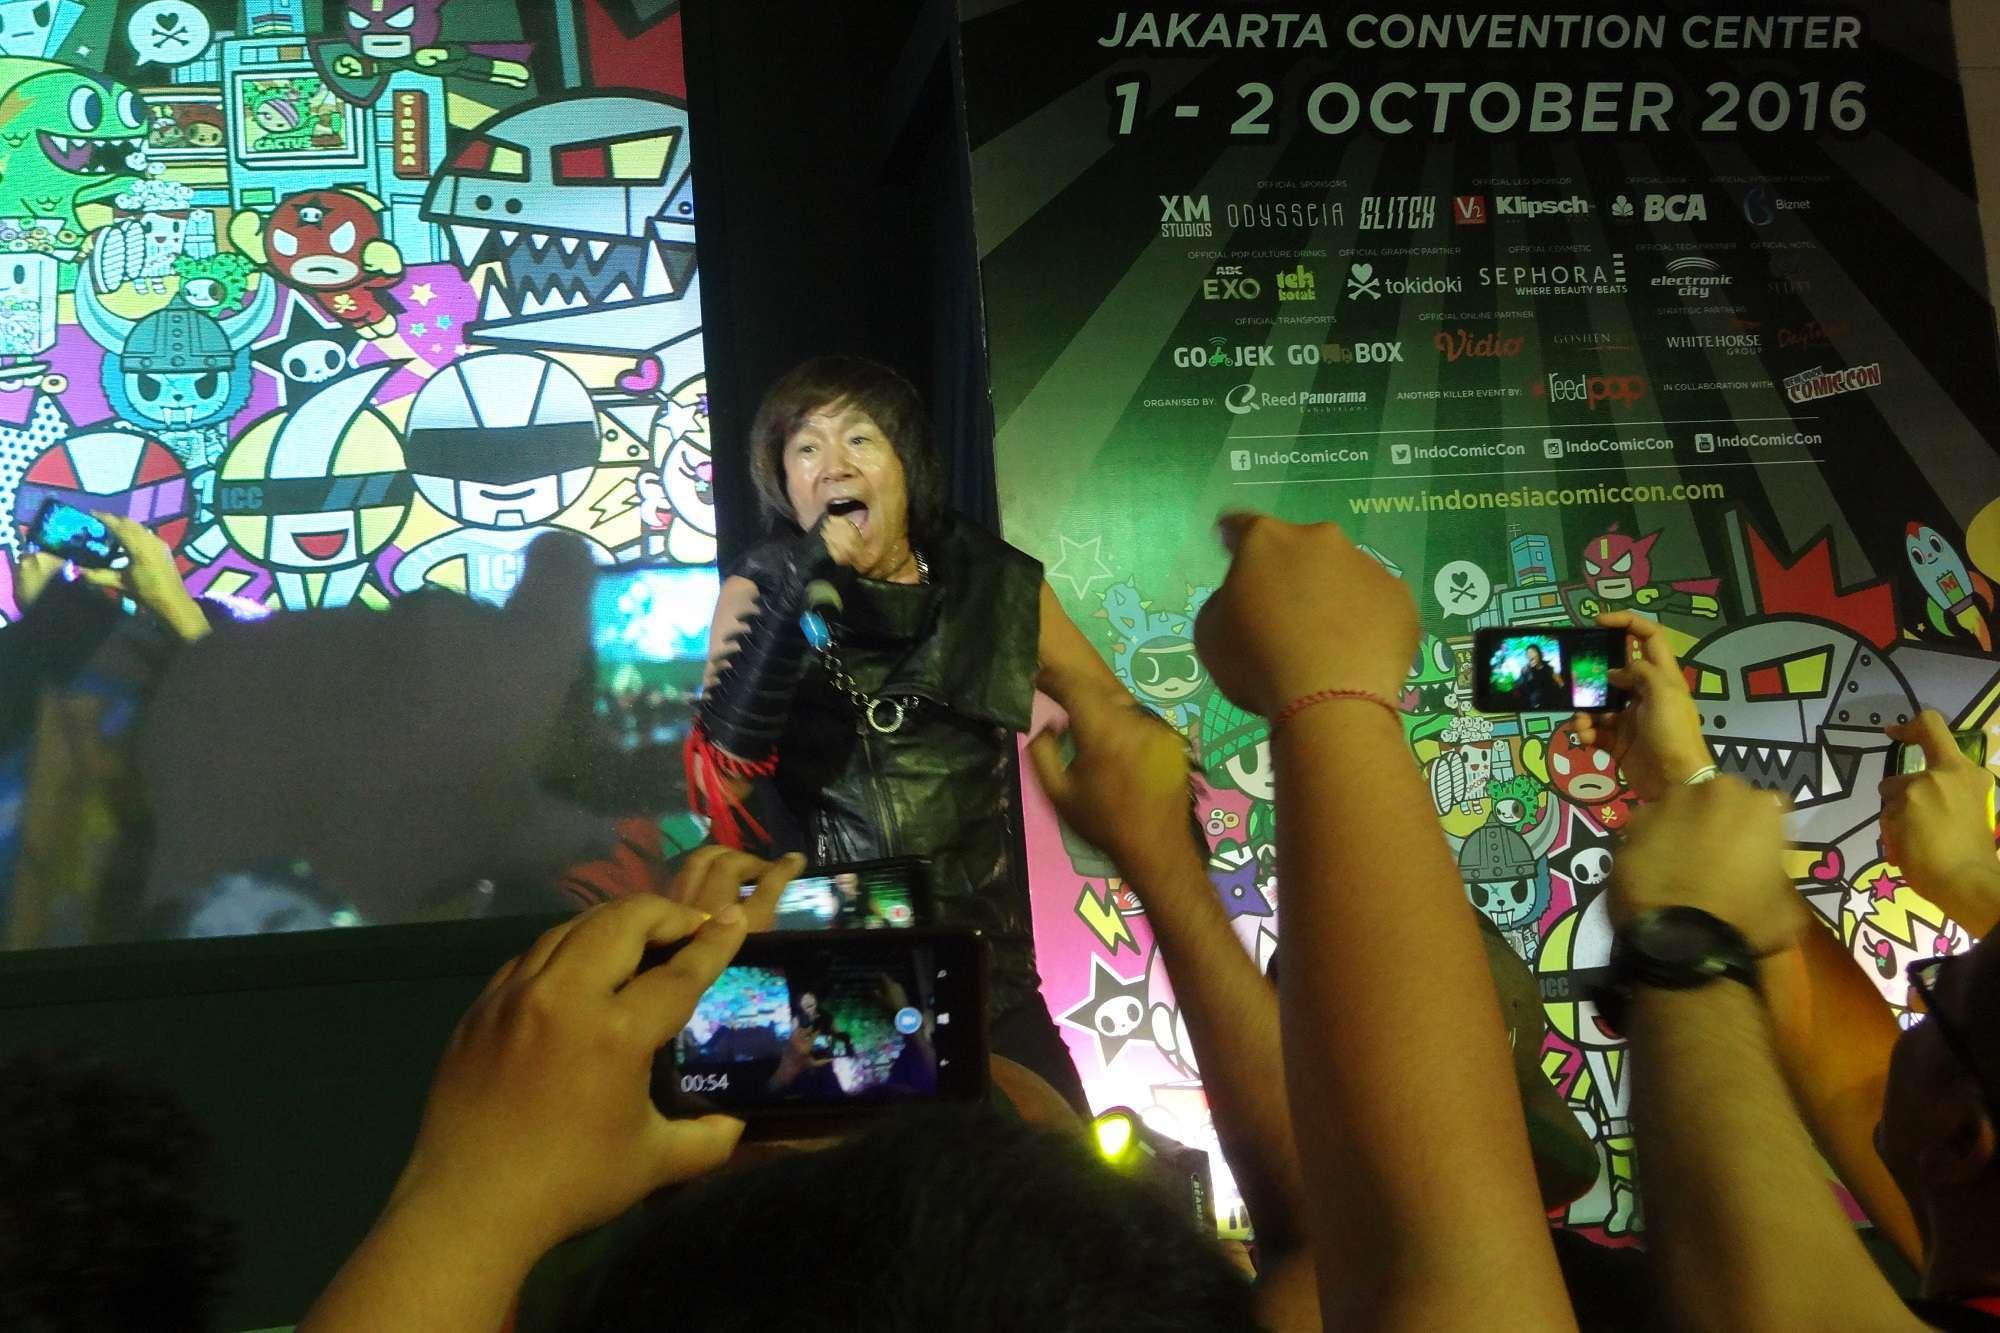 Penampilan enerjik Akira Kushida disambut dengan semangat oleh penggemar